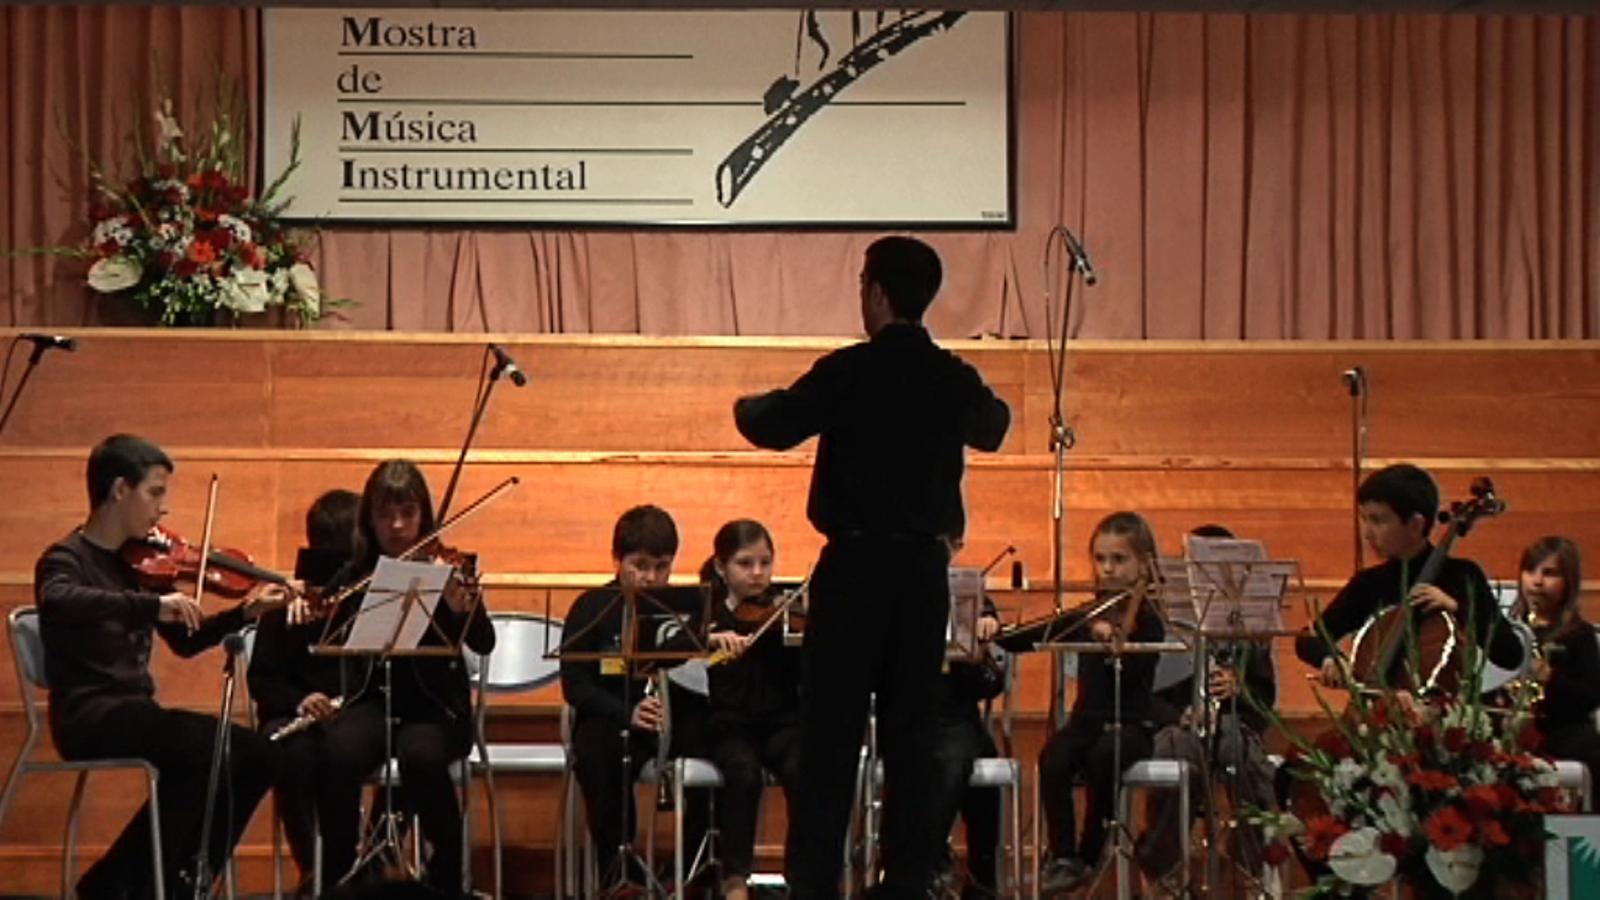 ARA Mestres: Coneixem la mostra de música instrumental que organitza el Col·legi Kostka